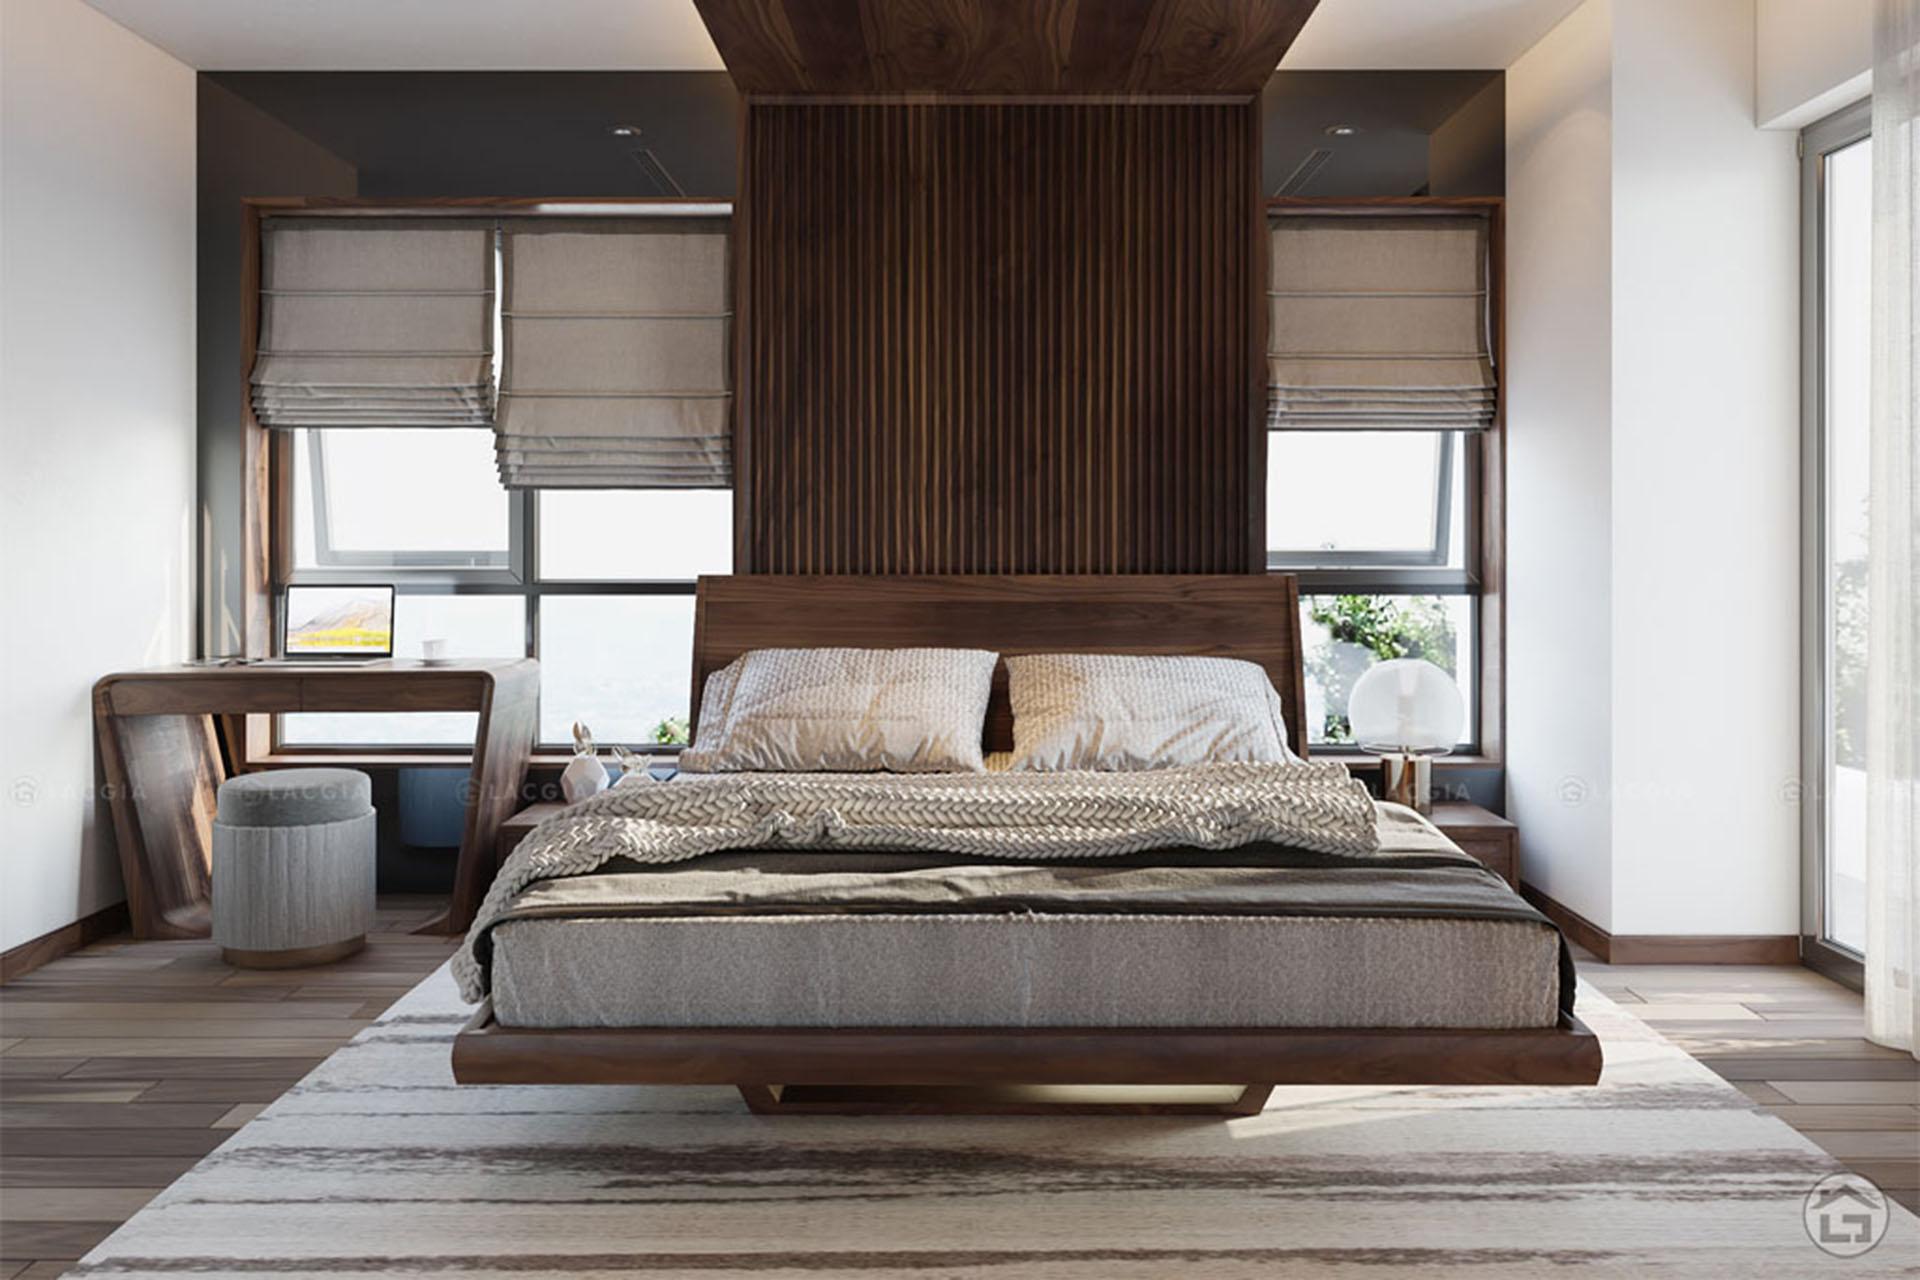 Thiết kế cân đối, màu sắc trong phòng ngủ hài hòa